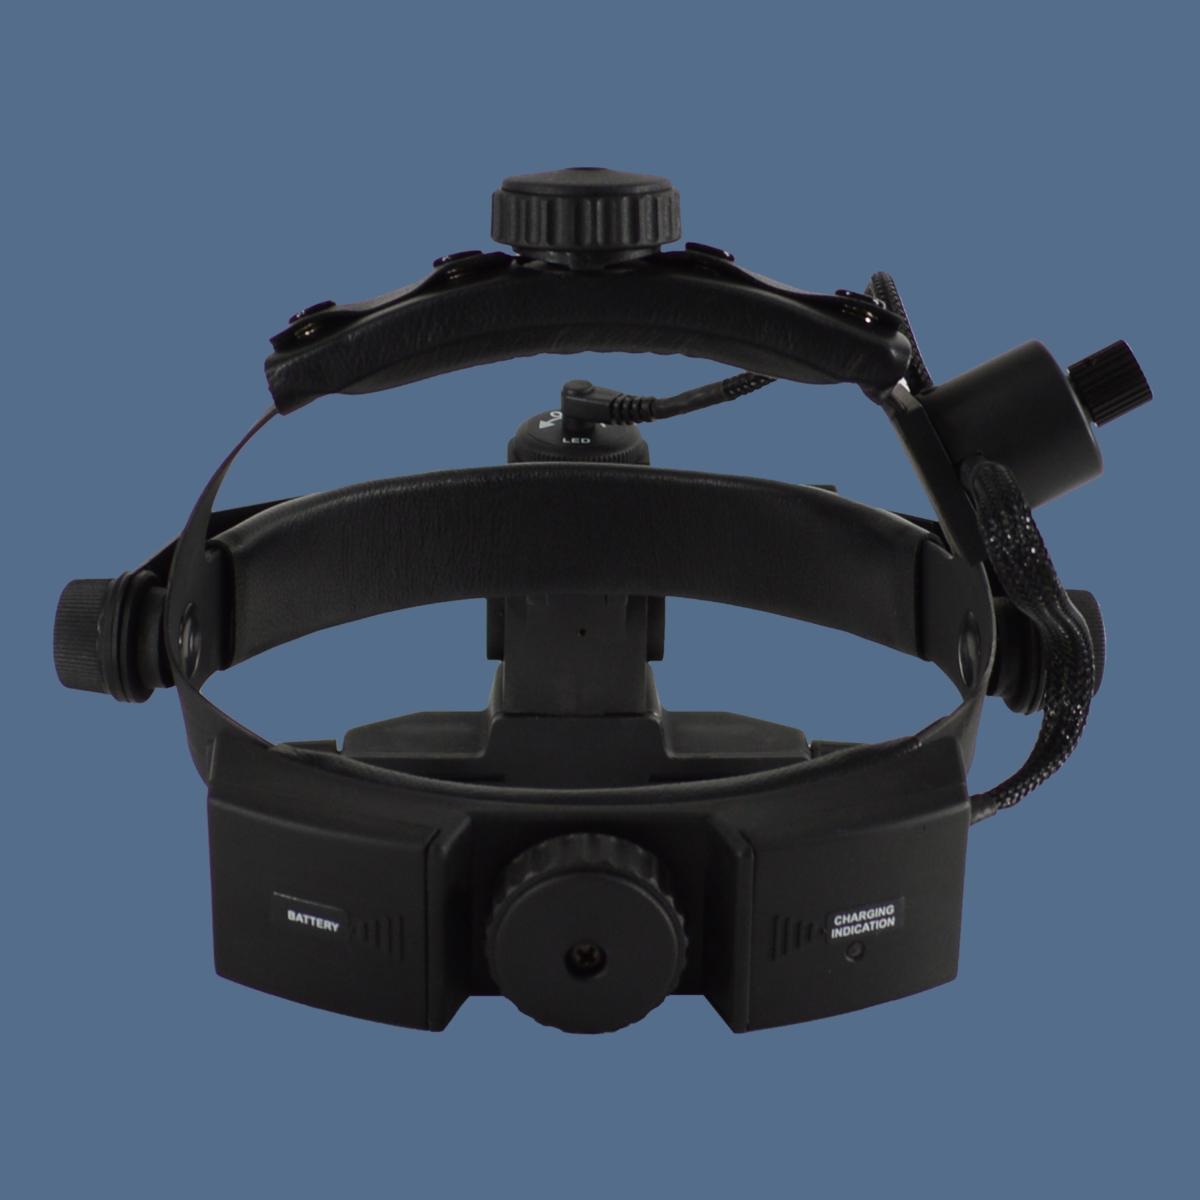 Wireless LED Binocular Indirect Ophthalmoscope | Ibexeye